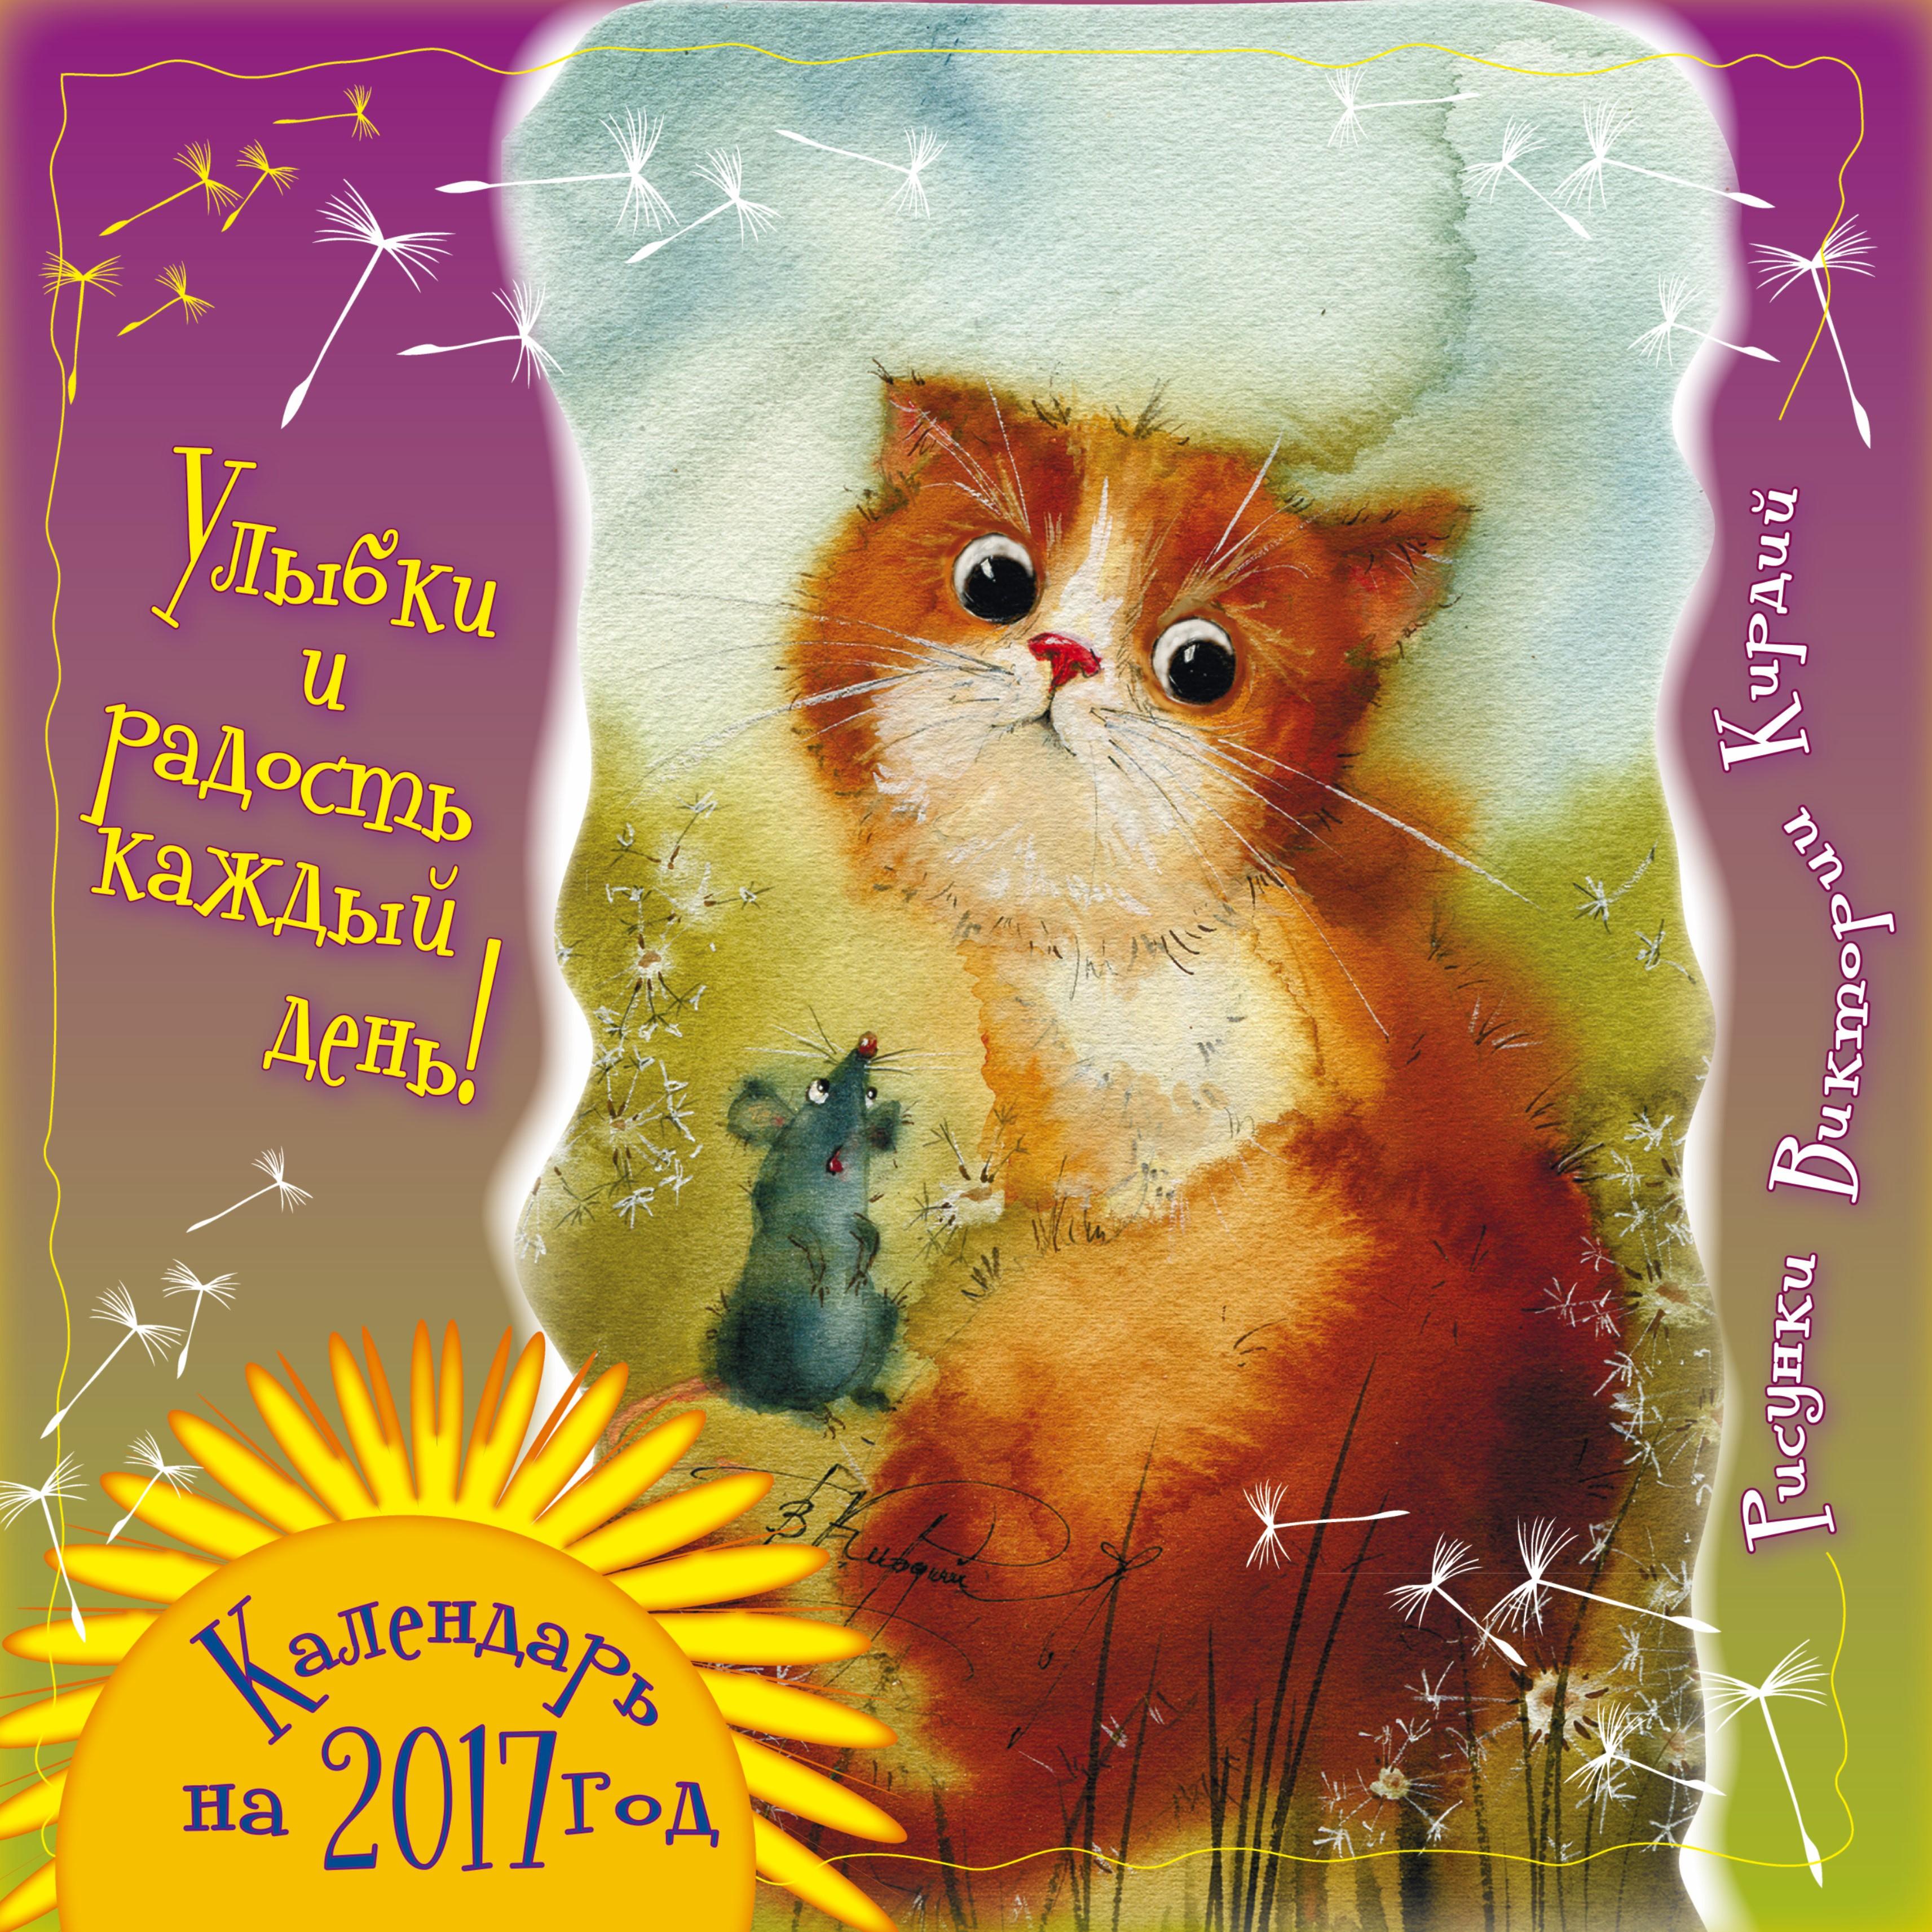 Картинки на каждый год